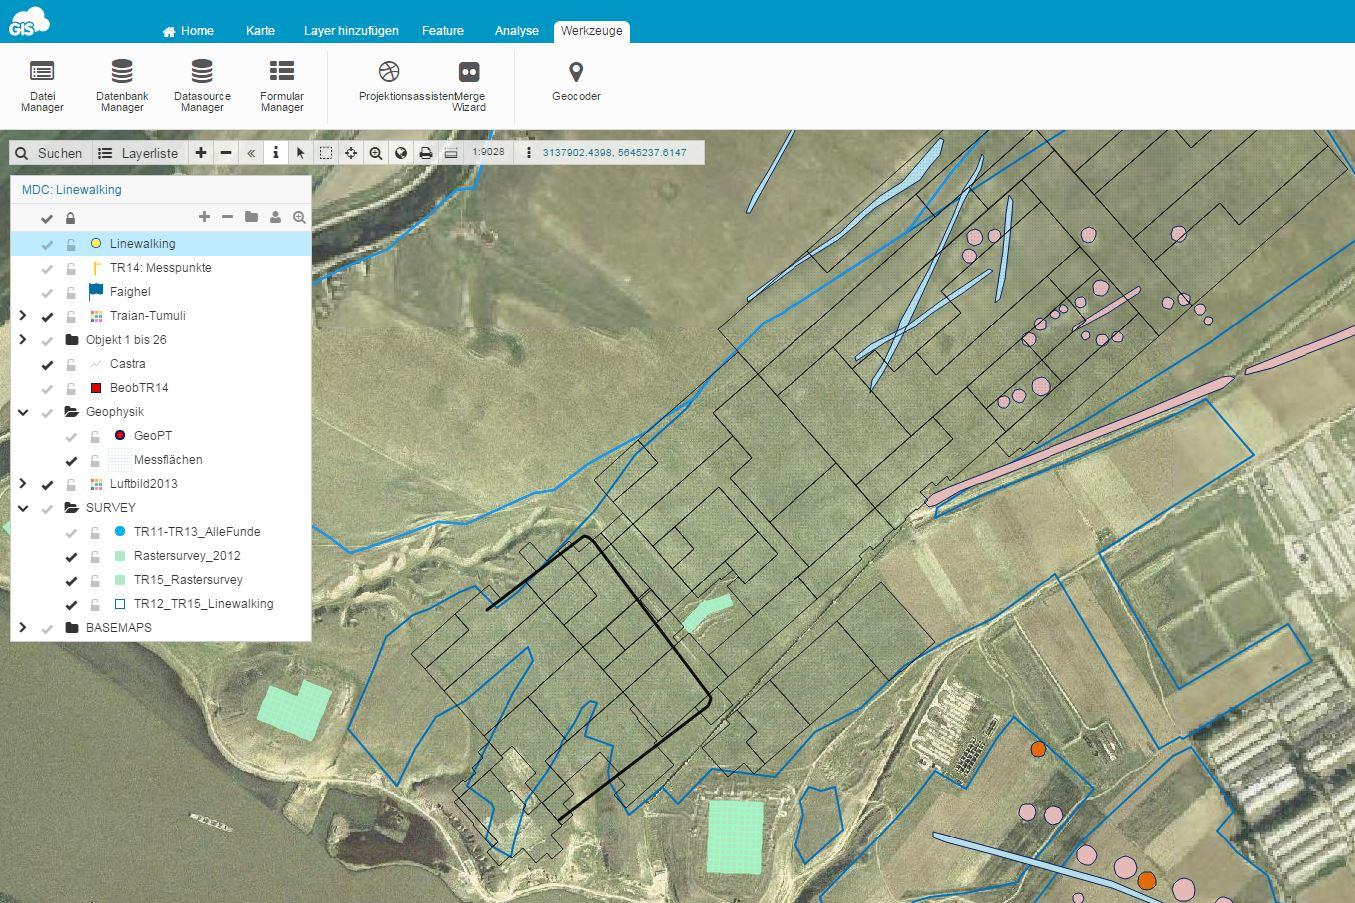 Blog | GIS Cloud Press Releases, Articles & Tutorials | GIS Cloud